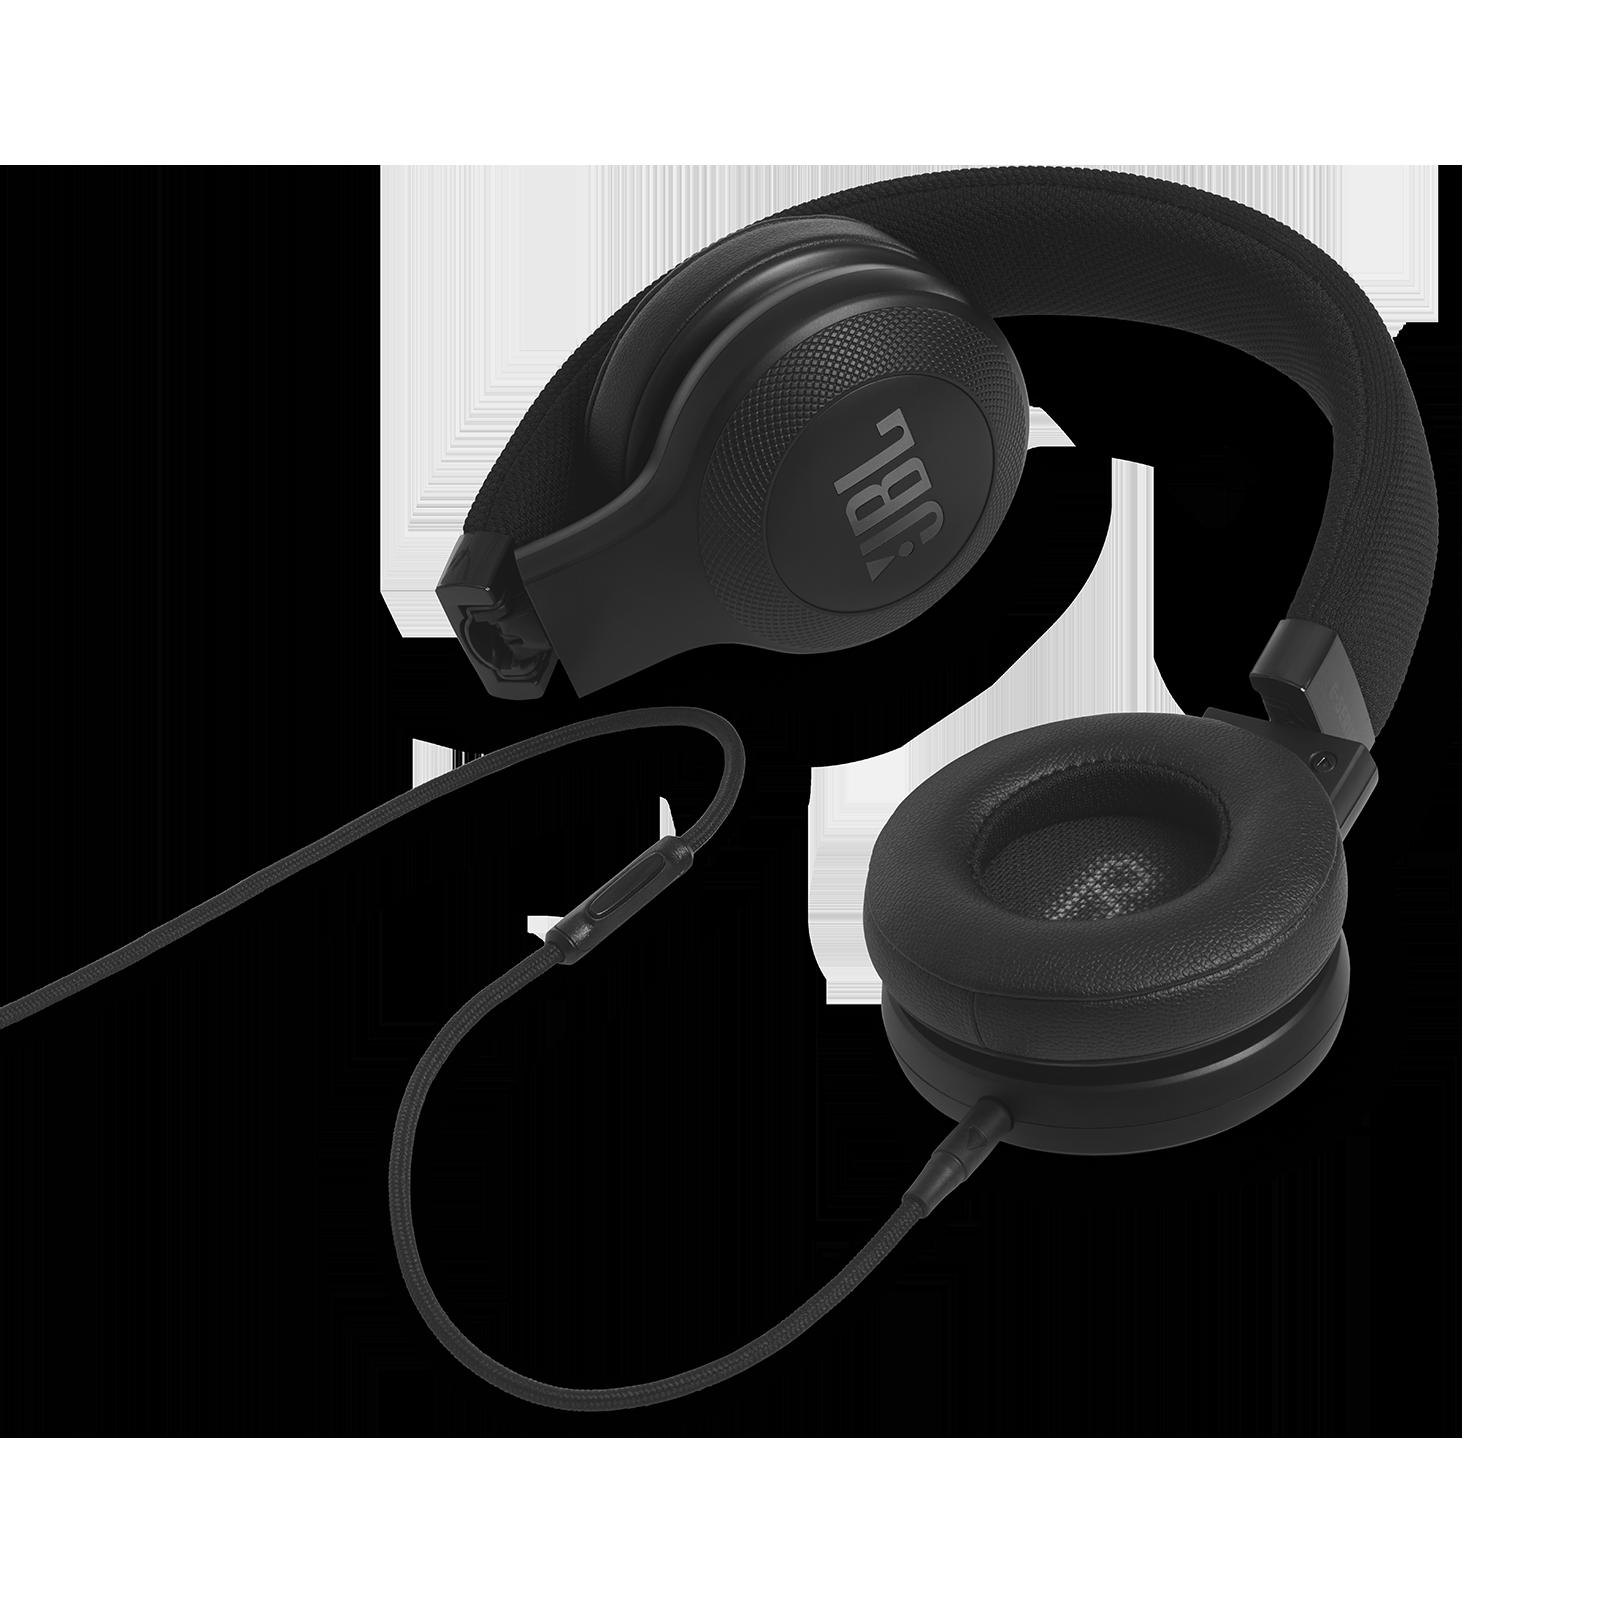 E35 On Ear Headphones Steven Mark Diagram For Wiring